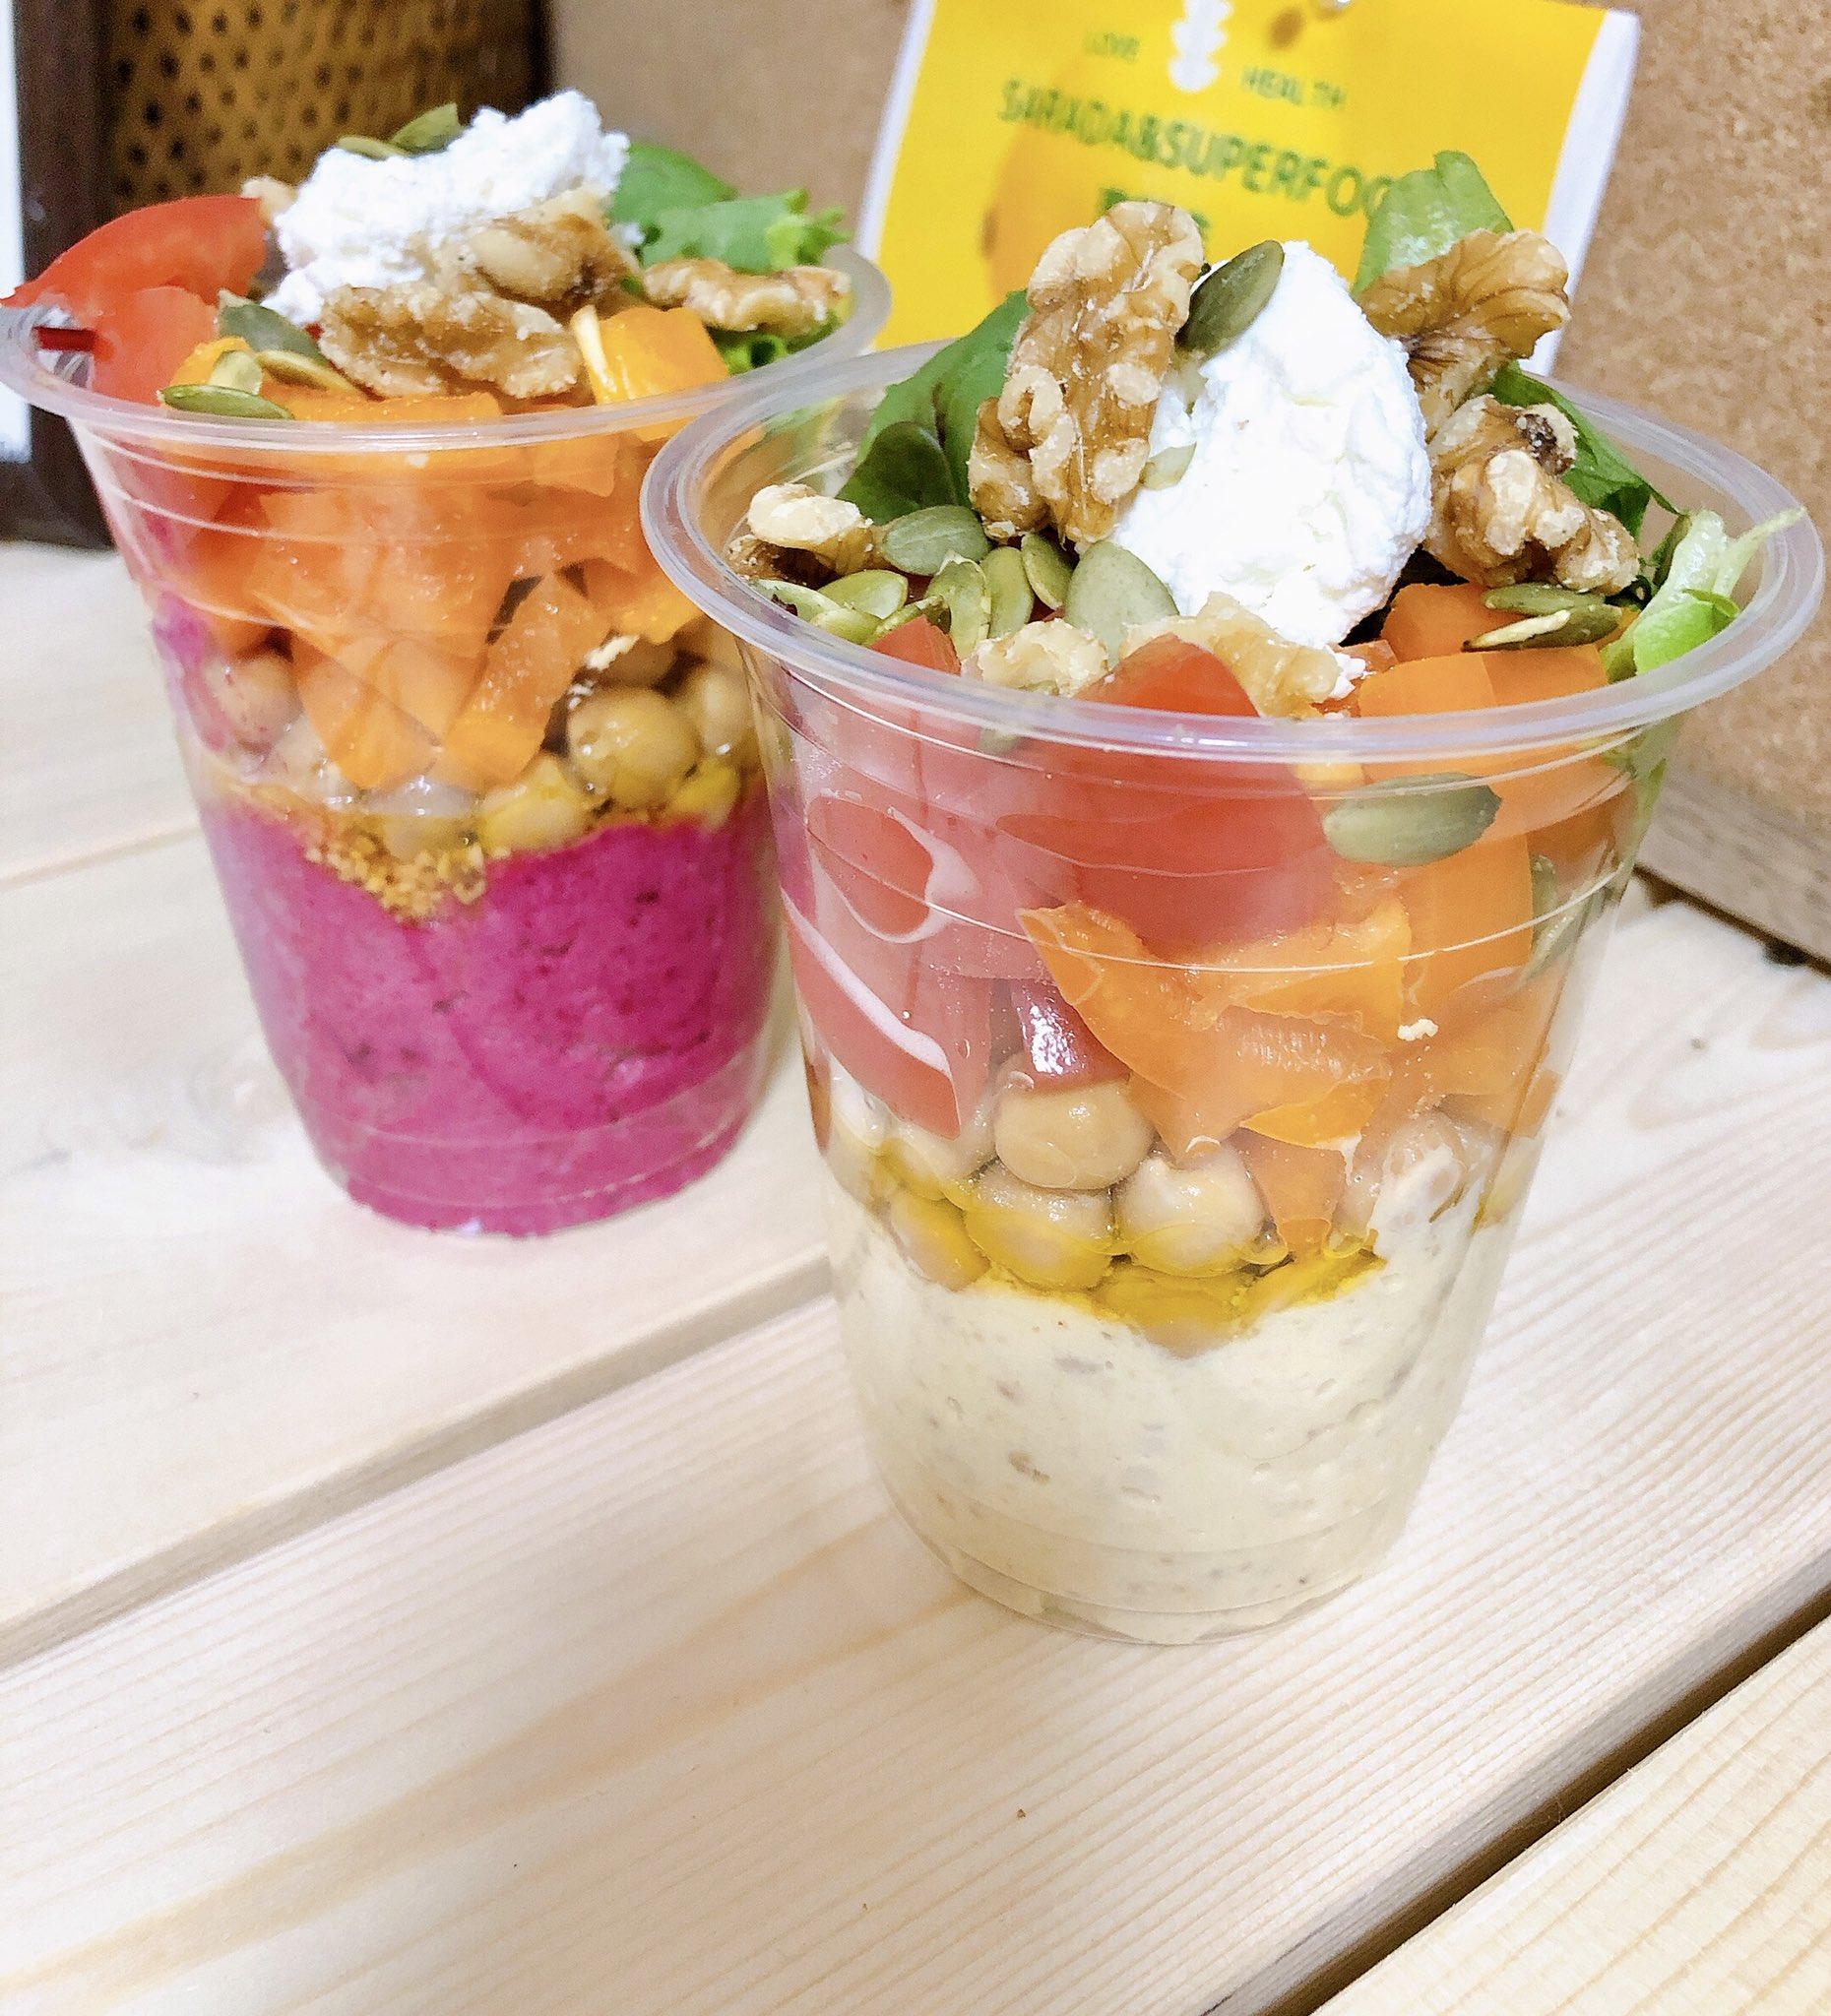 【pop up cafe 7/24】サラダボウル&スーパーフード専門店Green☆cafe KIKIRARA